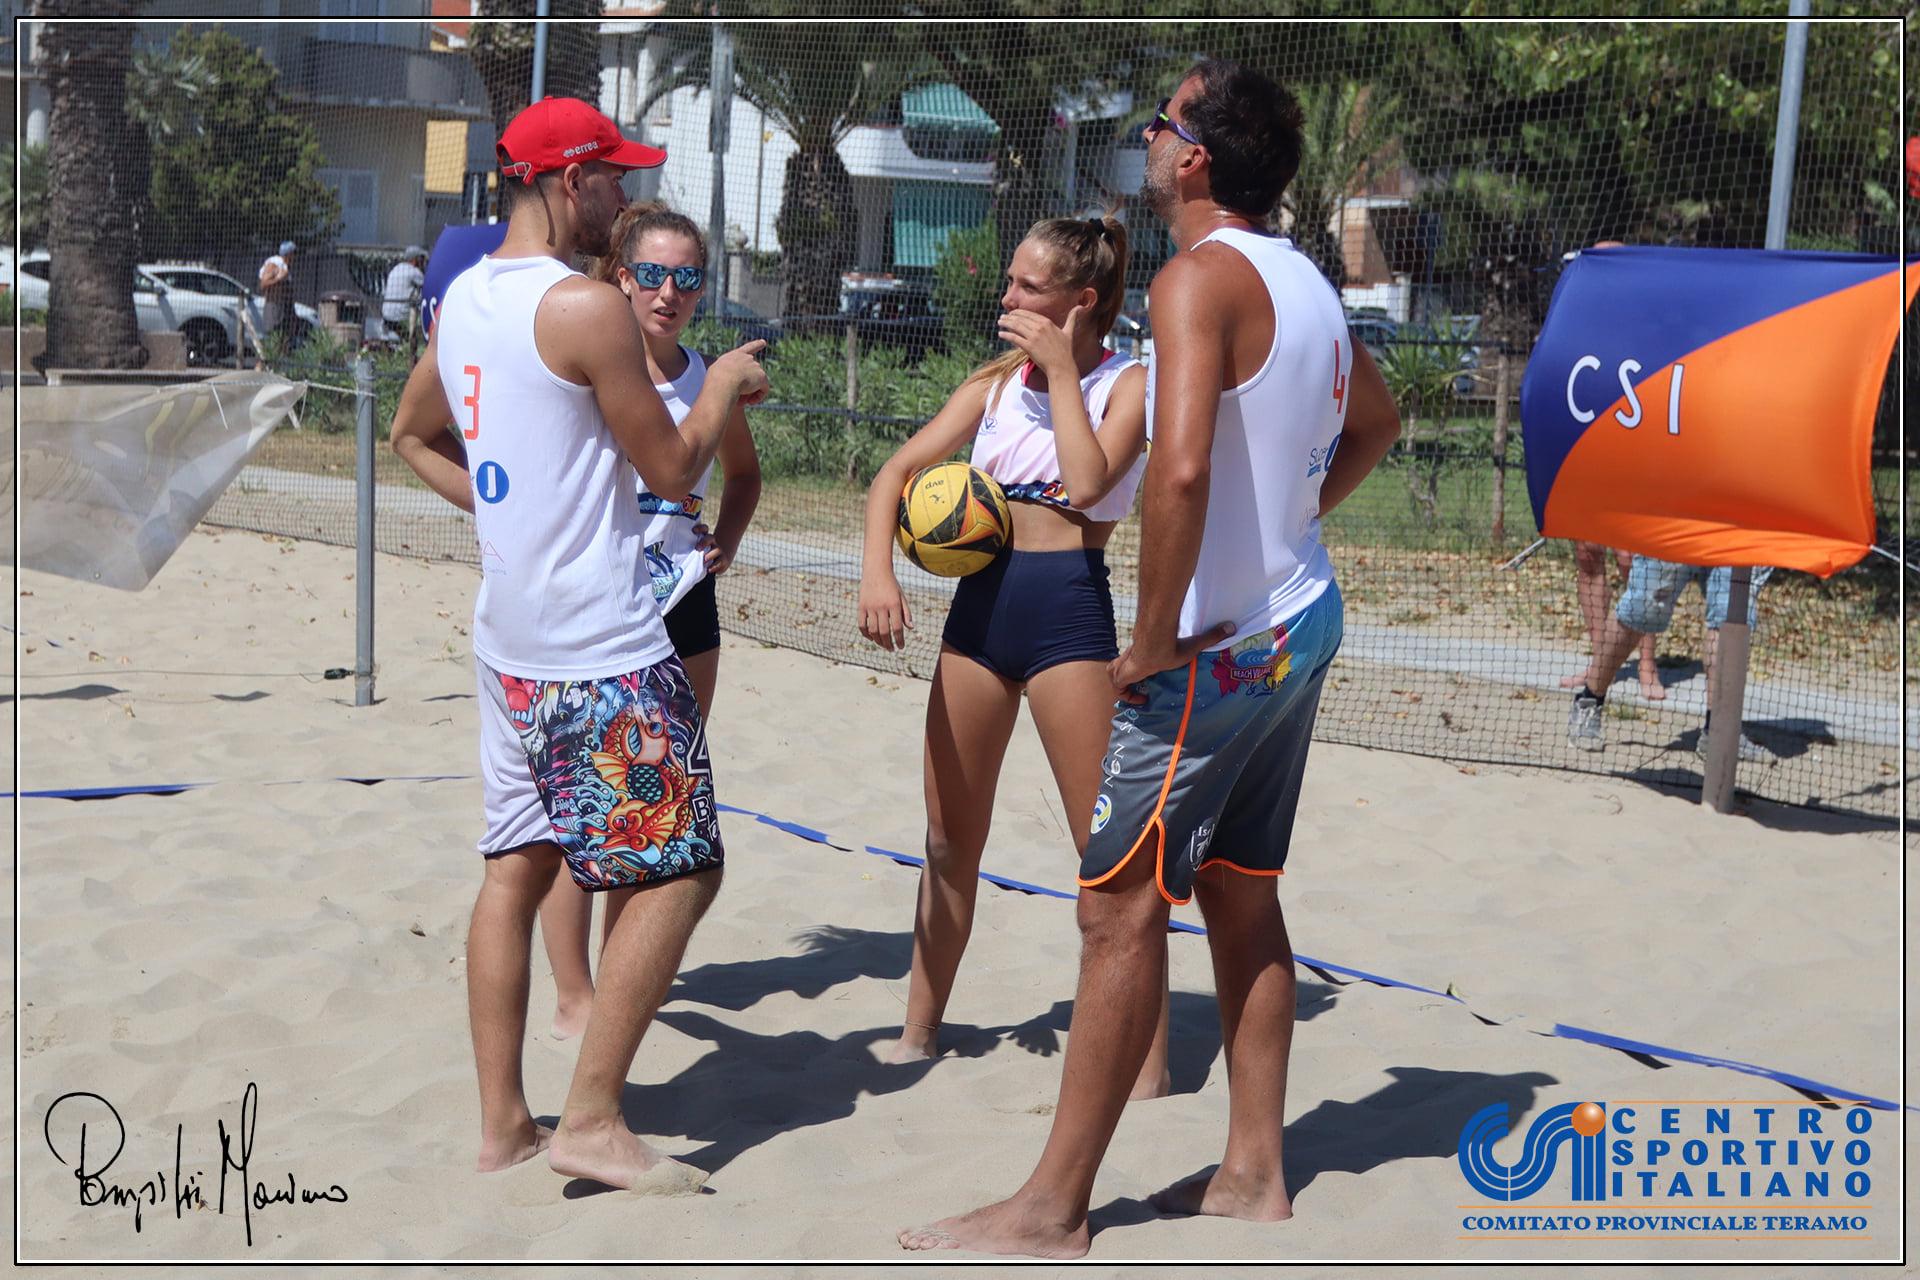 Tortoreto, 44 partecipanti per il torneo Csi beach volley 4x4 FOTO